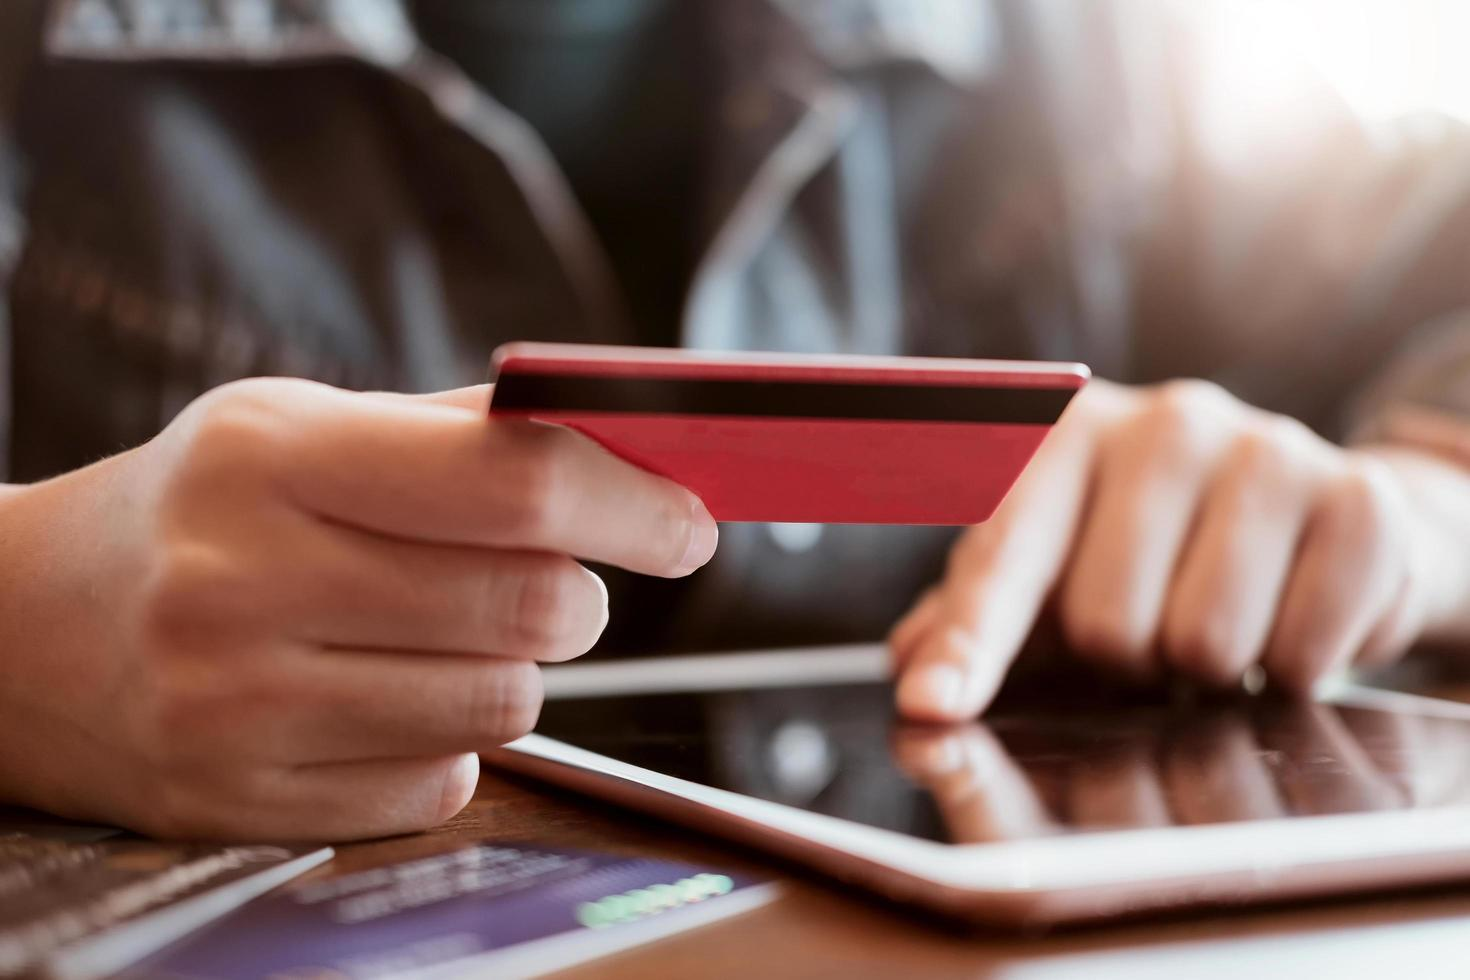 persona in possesso di carta di credito durante l'utilizzo di tablet foto